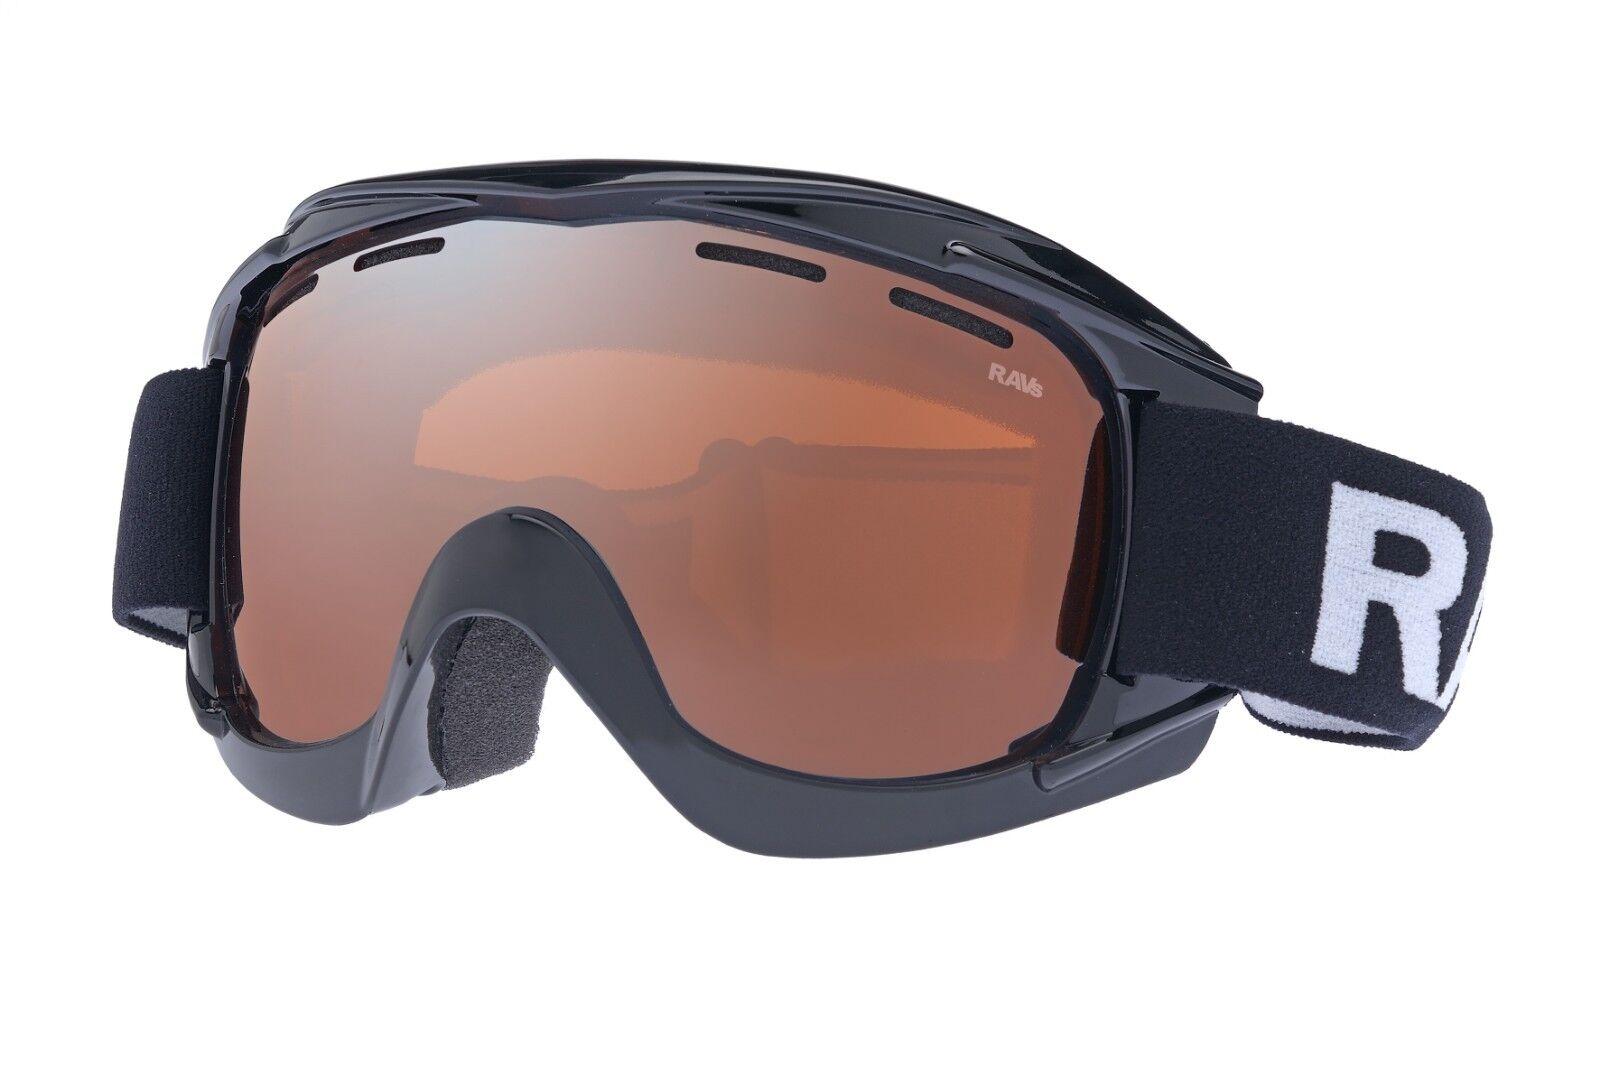 Ravs Occhiali da Alpino Snowboard Alpino da Maschera Sci Protettivi Anti-nebbia b6742d